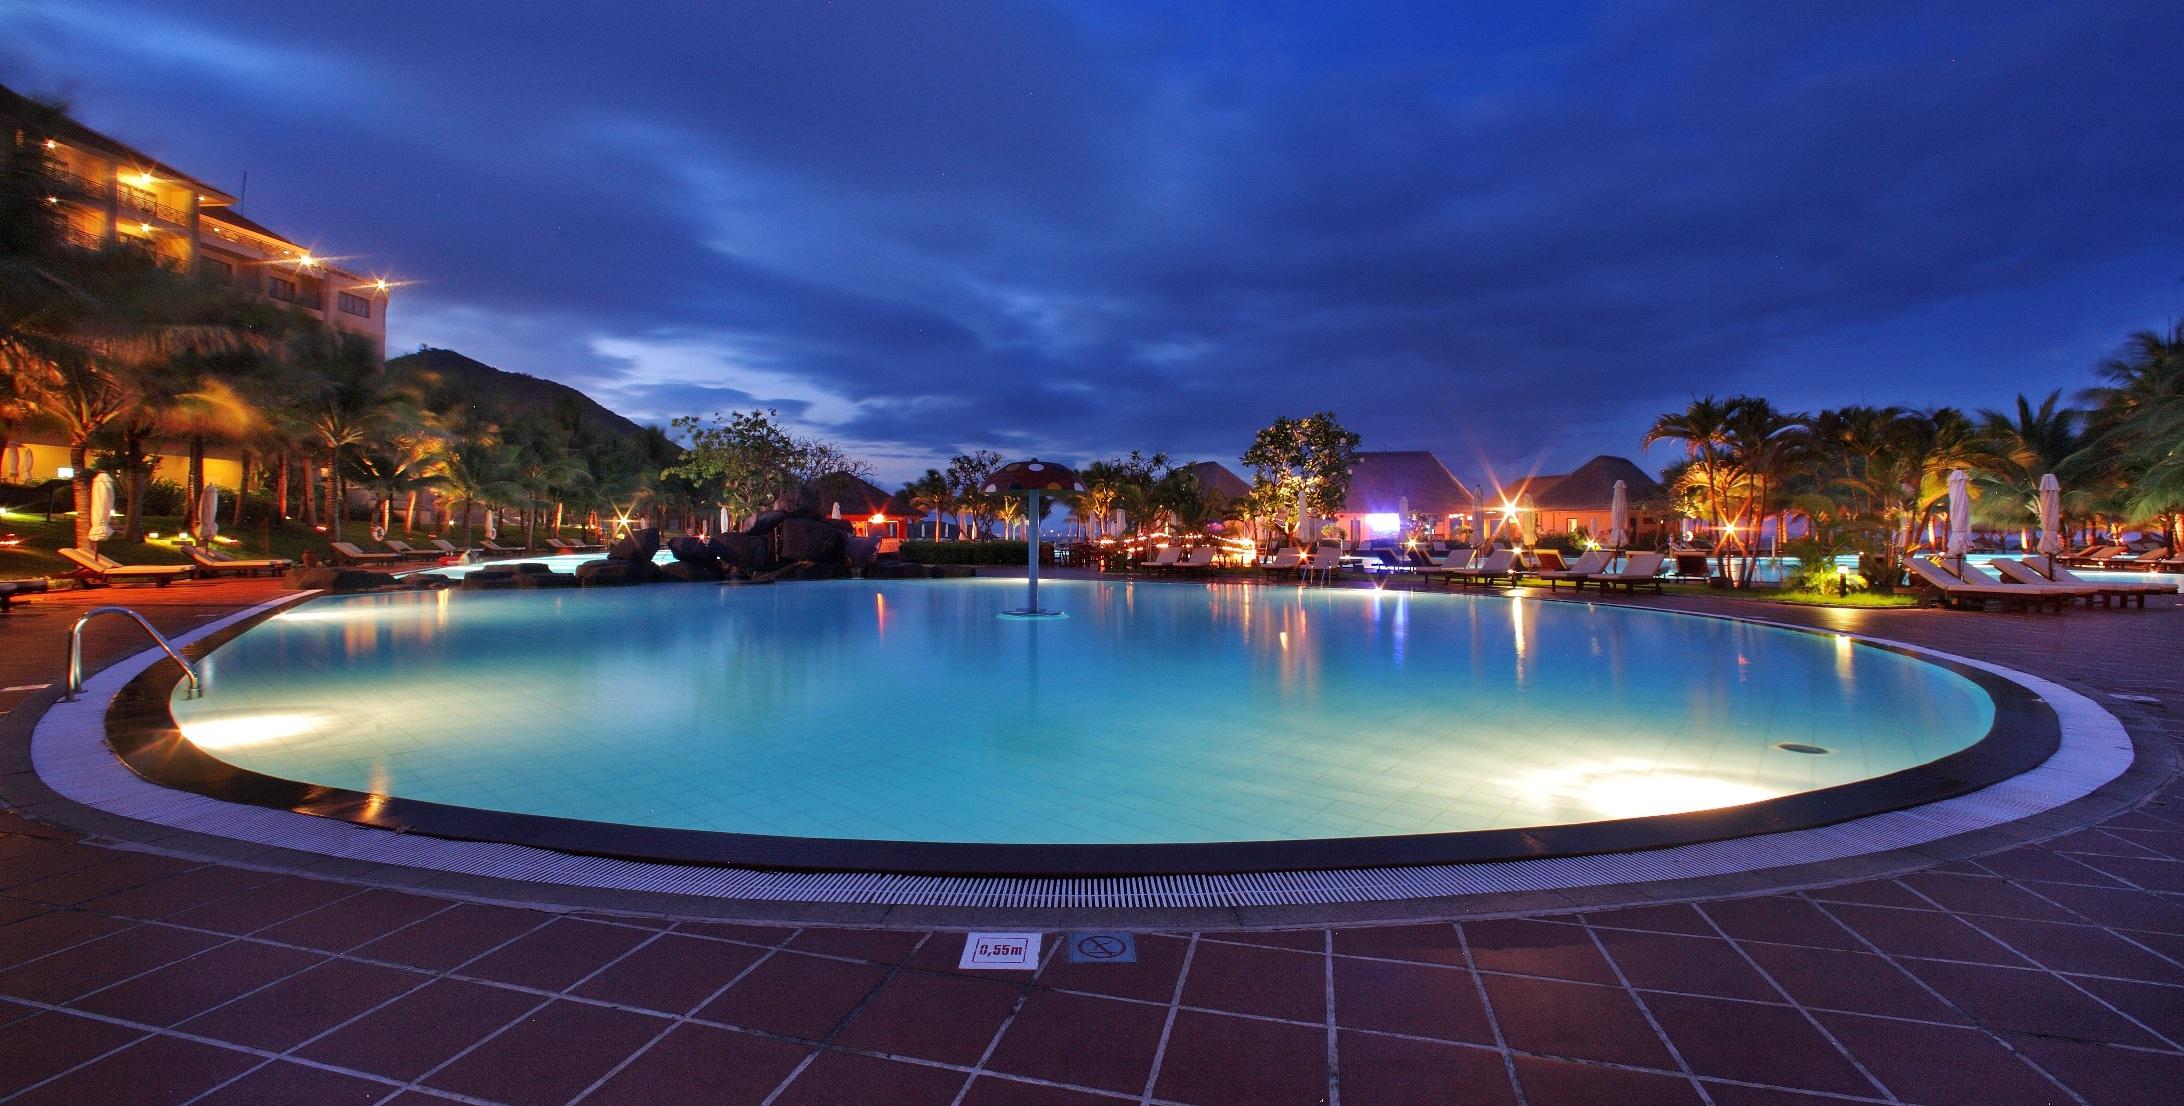 Vinpearl resort Nha Trang – Thiên đường nghỉ dưỡng của Hòn Tre